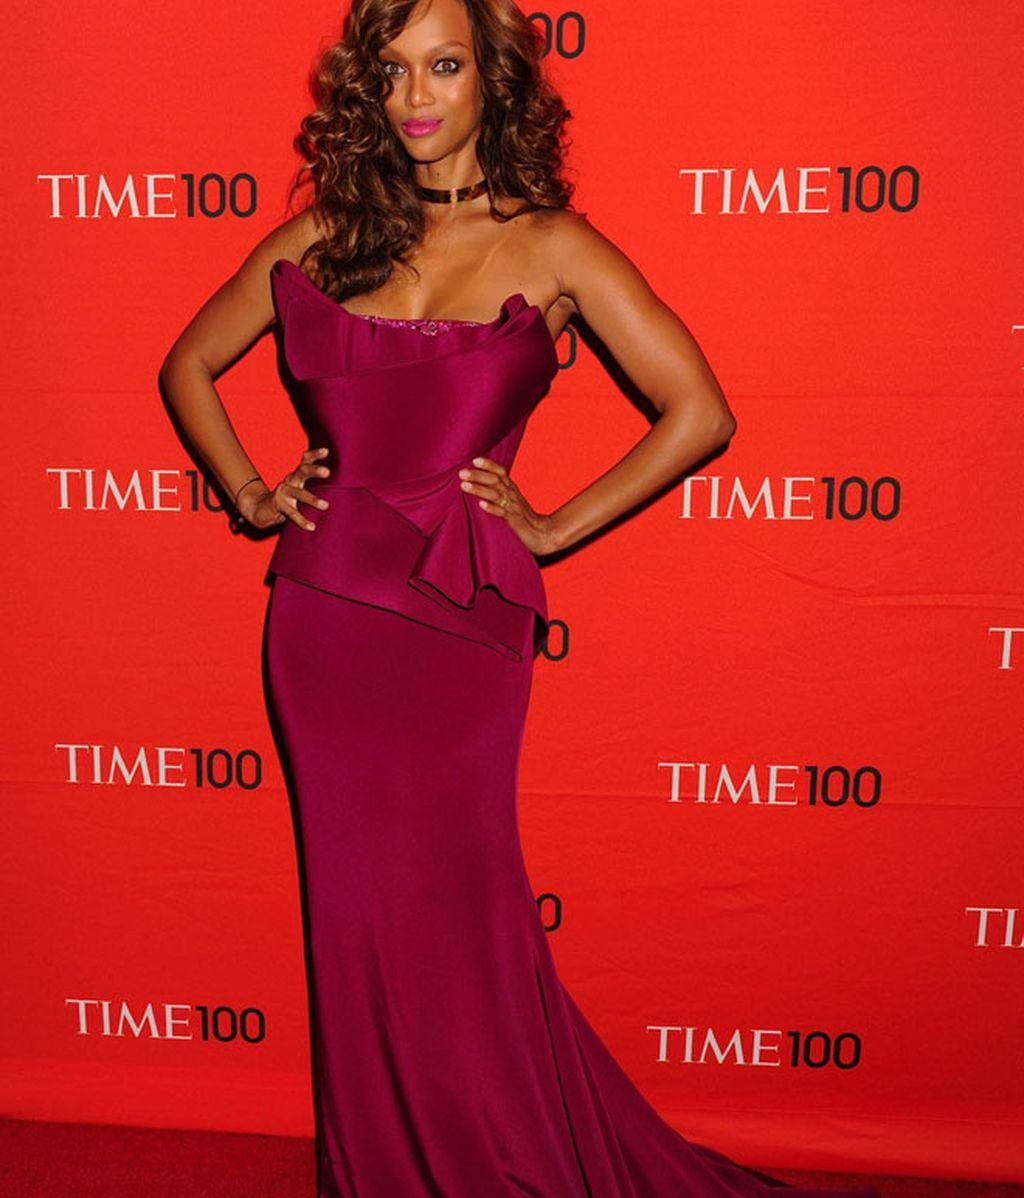 Rihanna y Tyra Banks con un vestido parecidísimo en el centenario de TIME